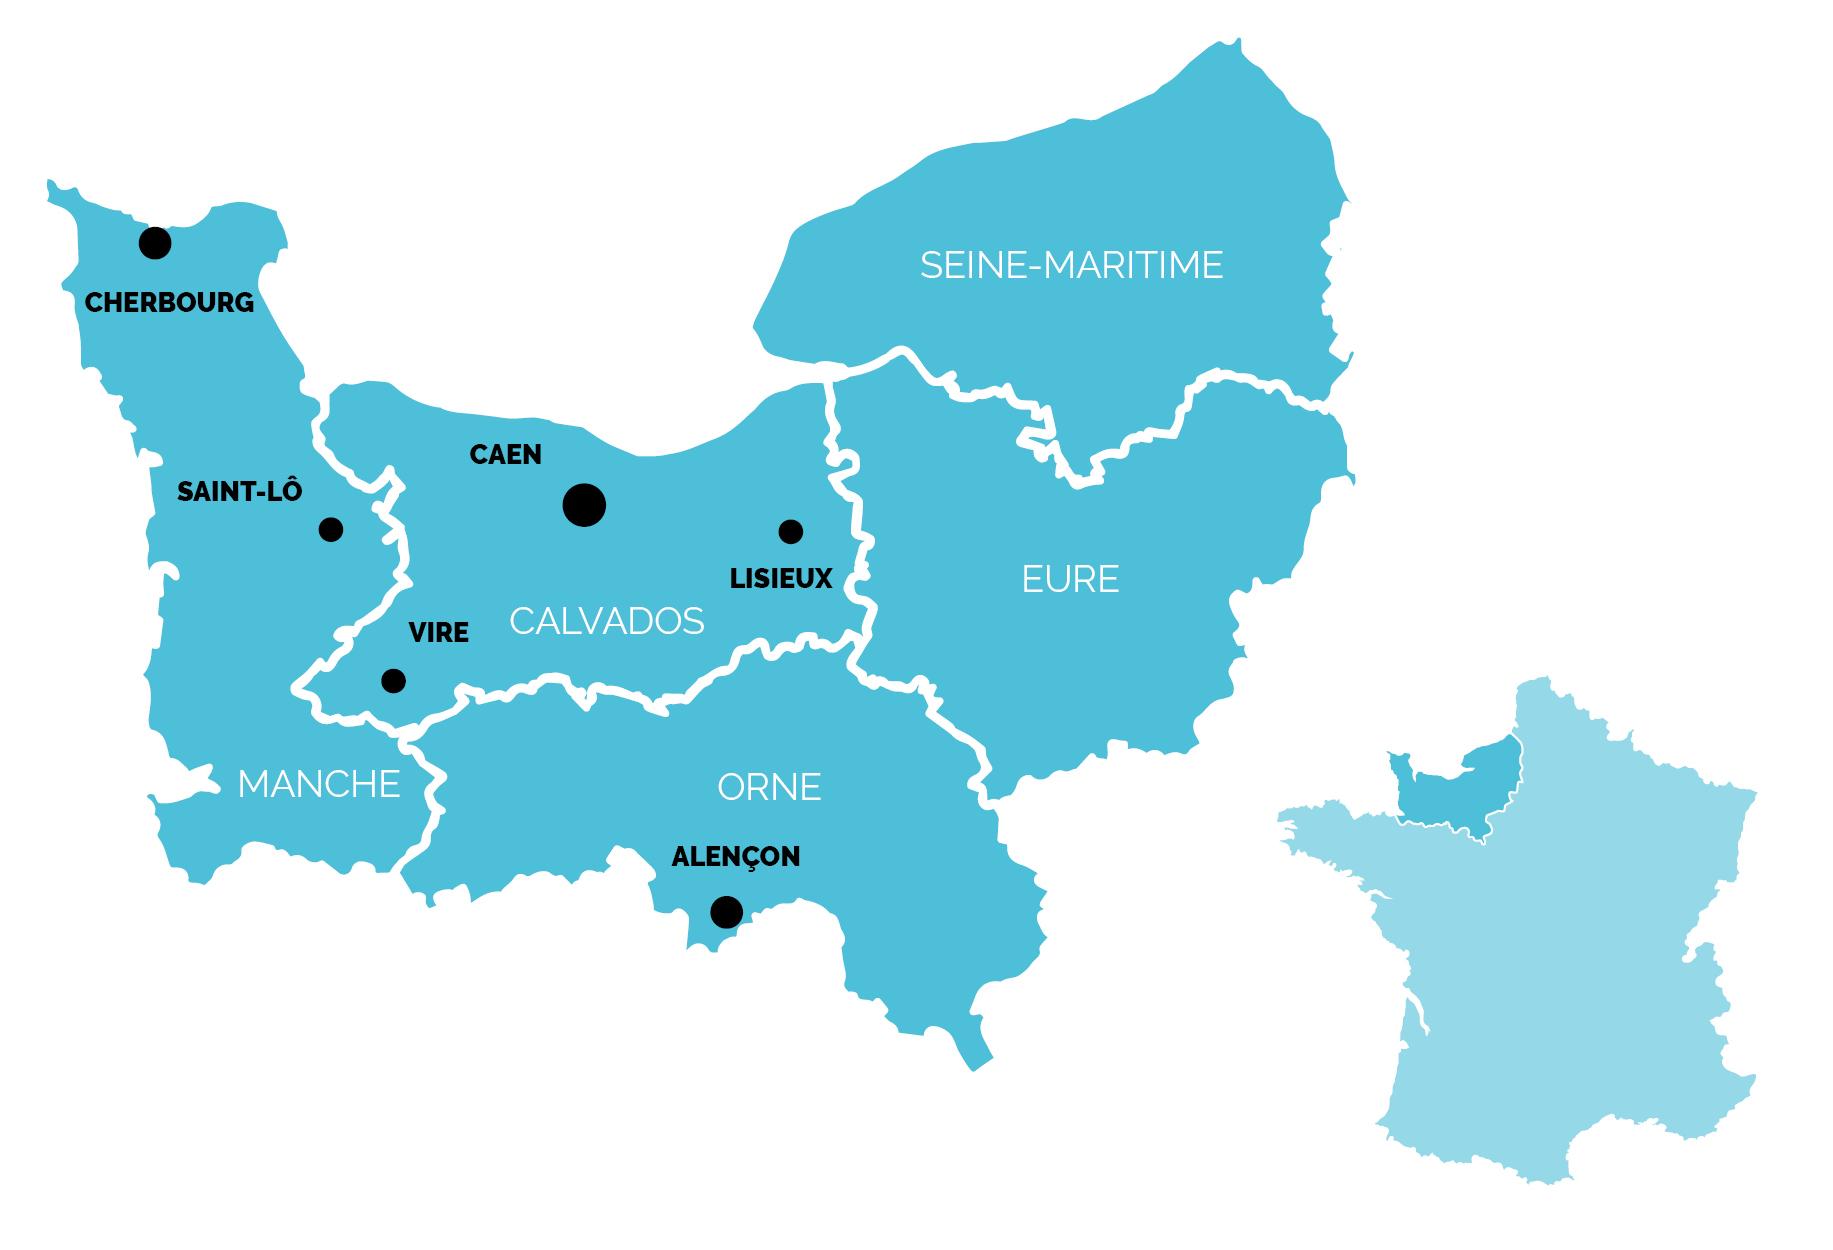 Carte Basse-Normandie avec plans des campus